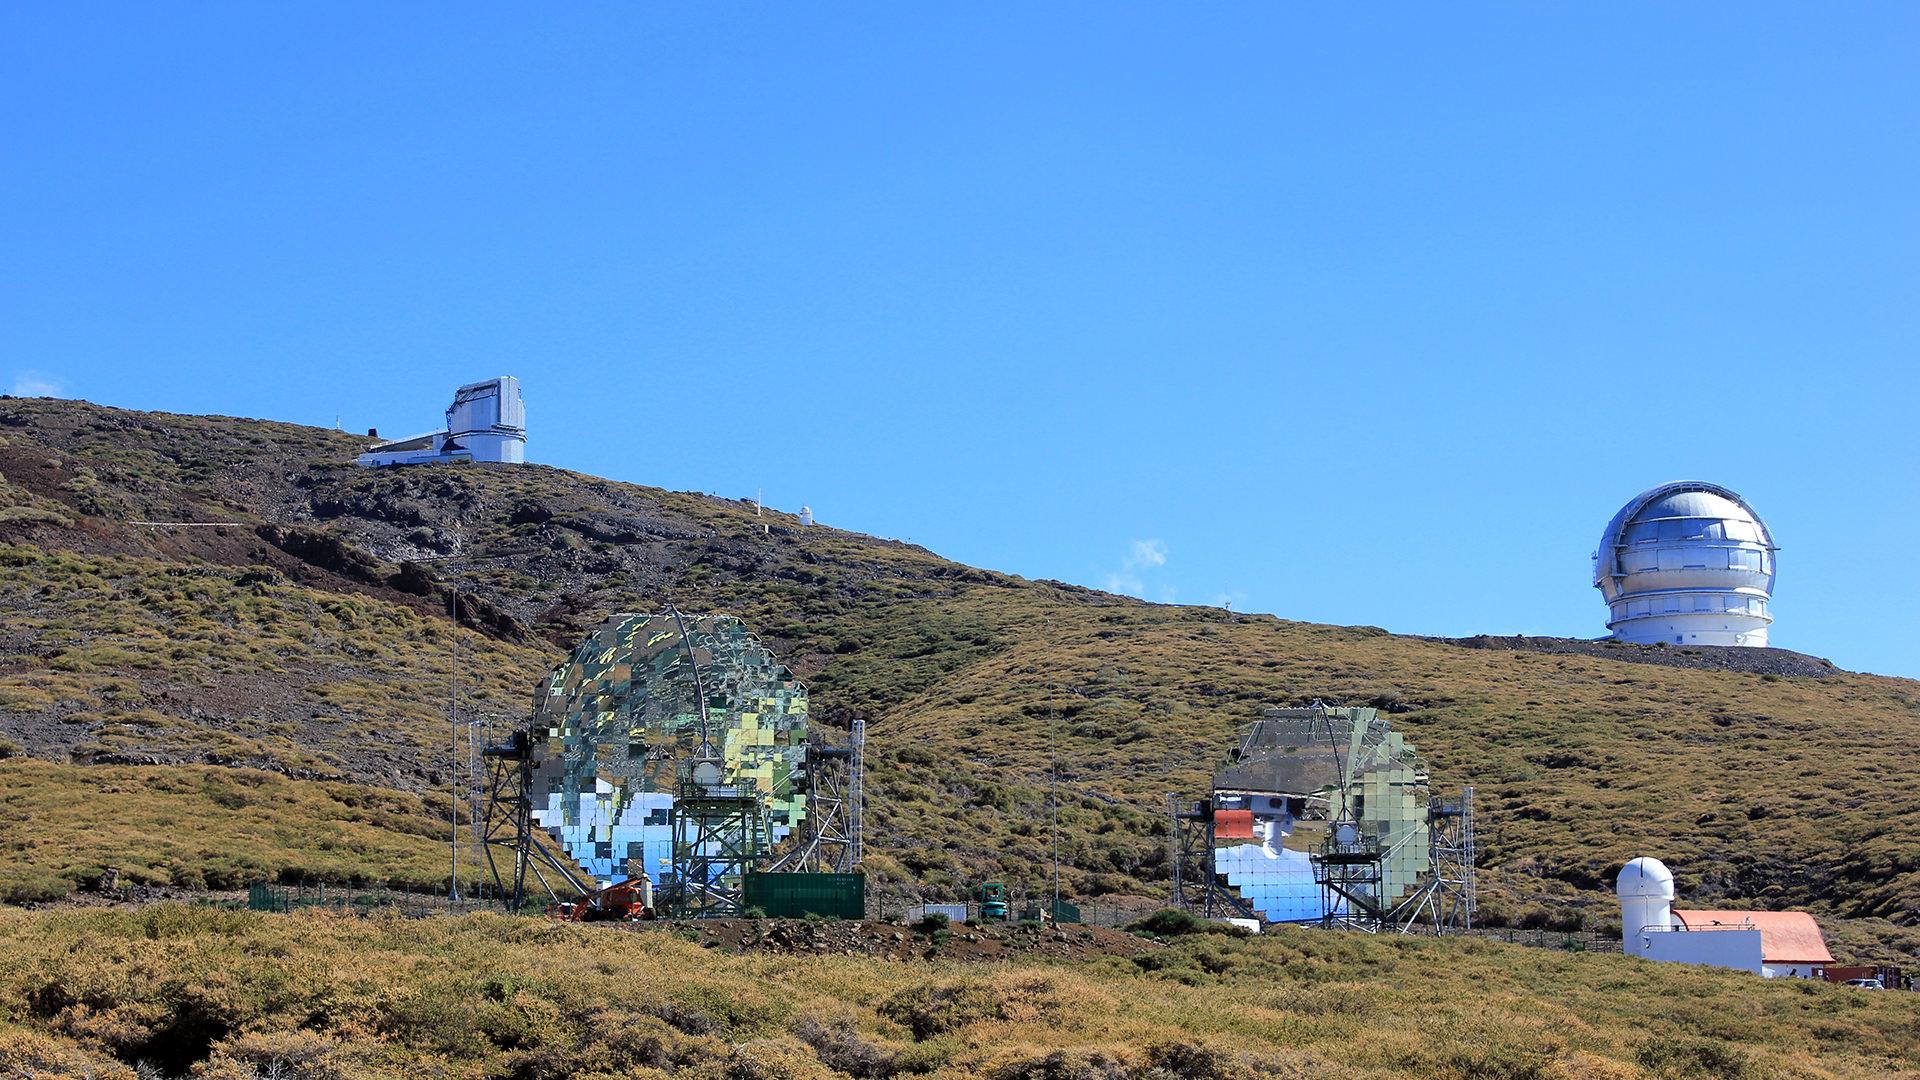 La isla de La Palma ha obtenido durante años el certificado de destino turístico Starlight (una iniciativa respaldada por la Organización Mundial del Turismo de la OMT), un sistema creado con el objetivo de fomentar, a nivel mundial, el desarrollo de la calidad de la experiencia turística y protección del cielo nocturno. El certificado tiene como objetivo garantizar la oportunidad de disfrutar de la vista de las estrellas y descubrir los valores científicos, culturales, naturales y paisajísticos asociados. Recordemos que desde 1983 La Palma ha sido Reserva Mundial de la Biosfera de la UNESCO.